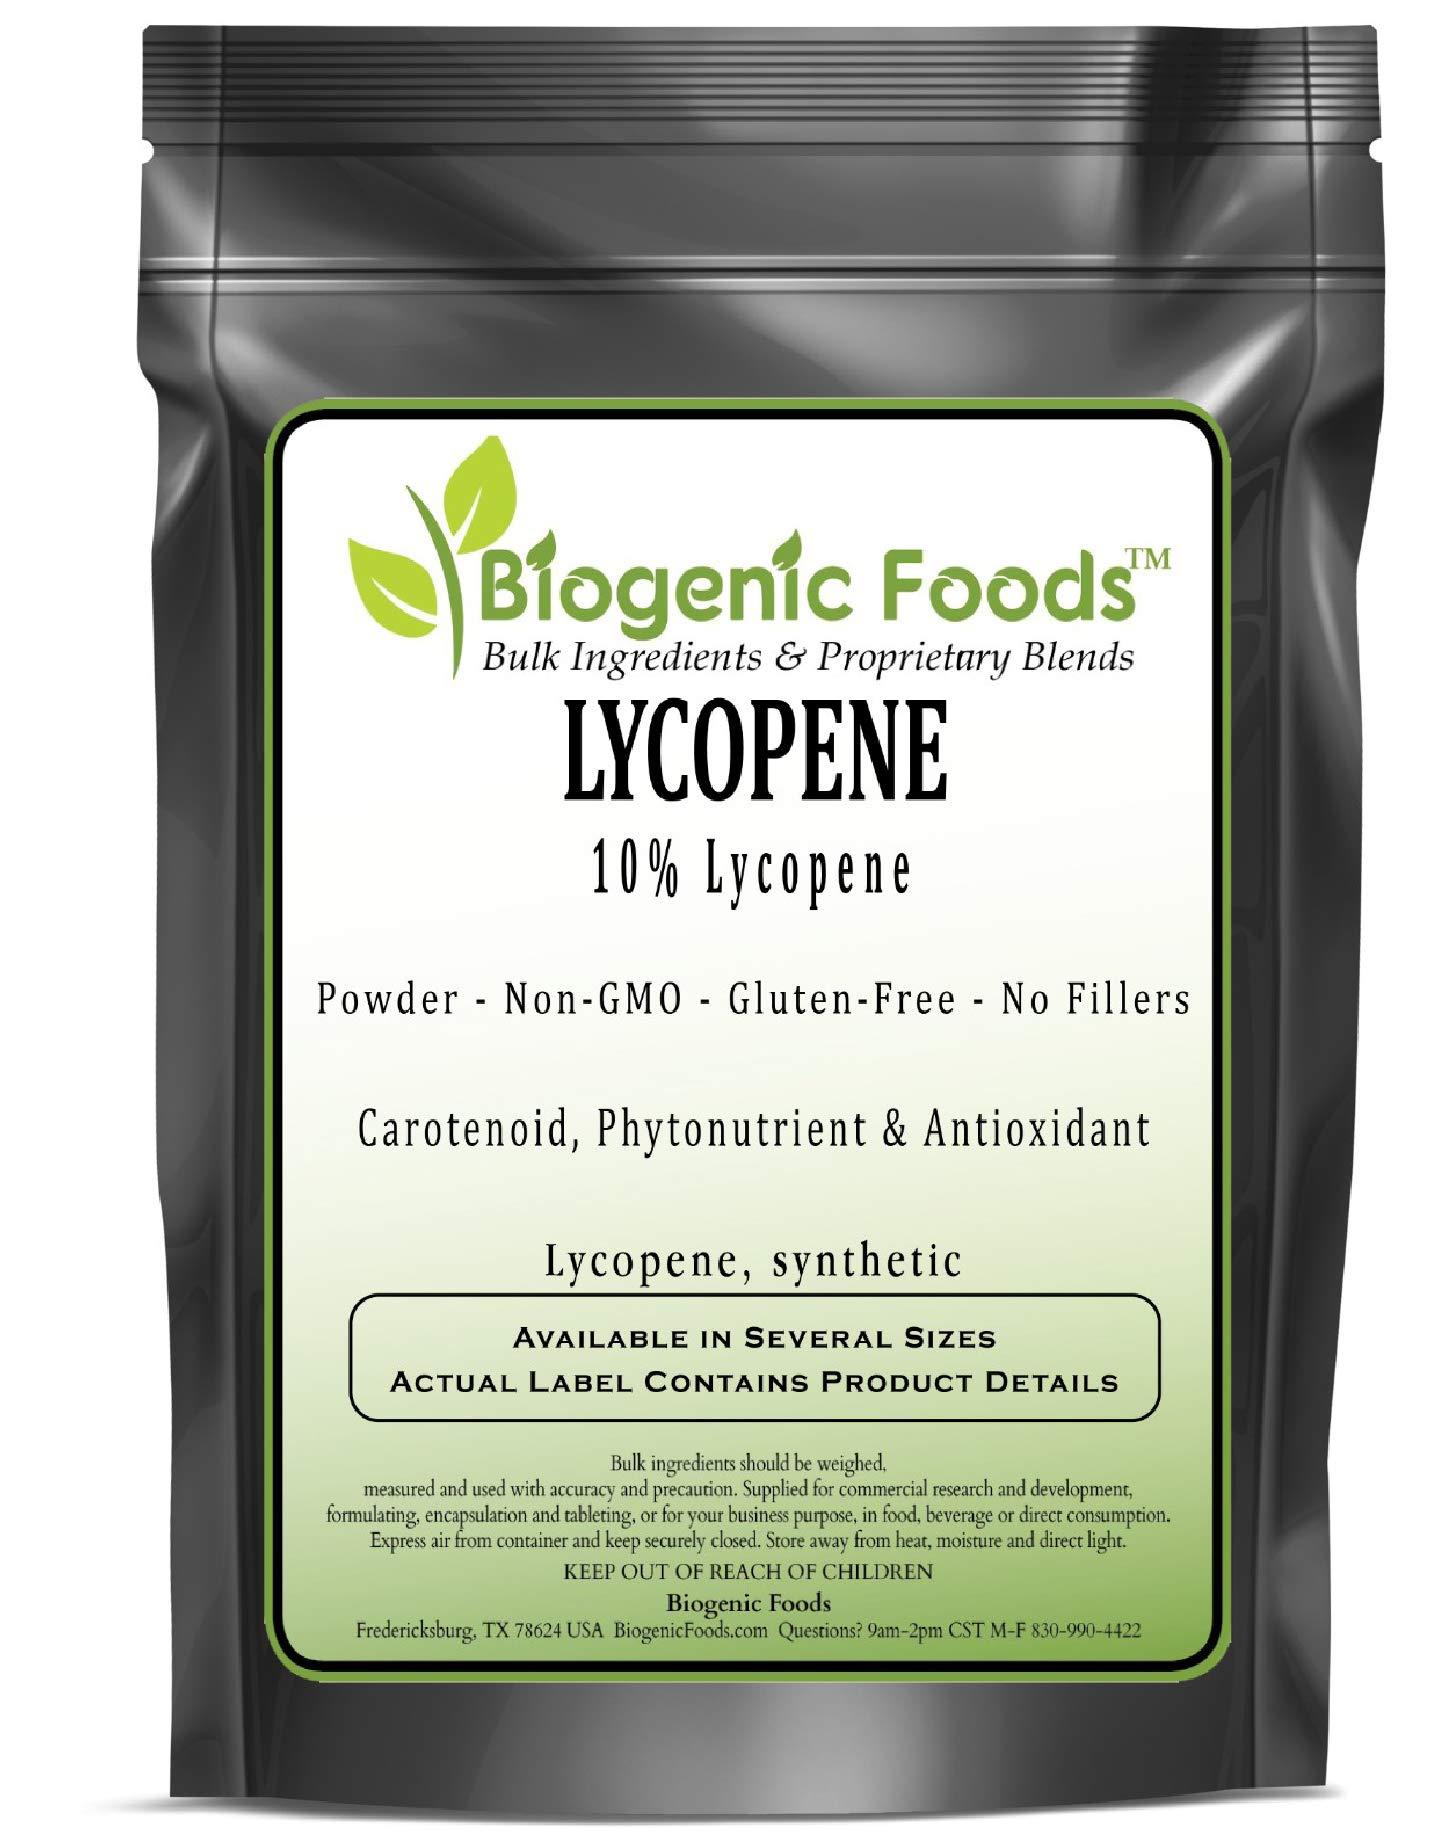 Lycopene - 10% Lycopene Powder Extract (Lycopene, Synthetic), 5 kg